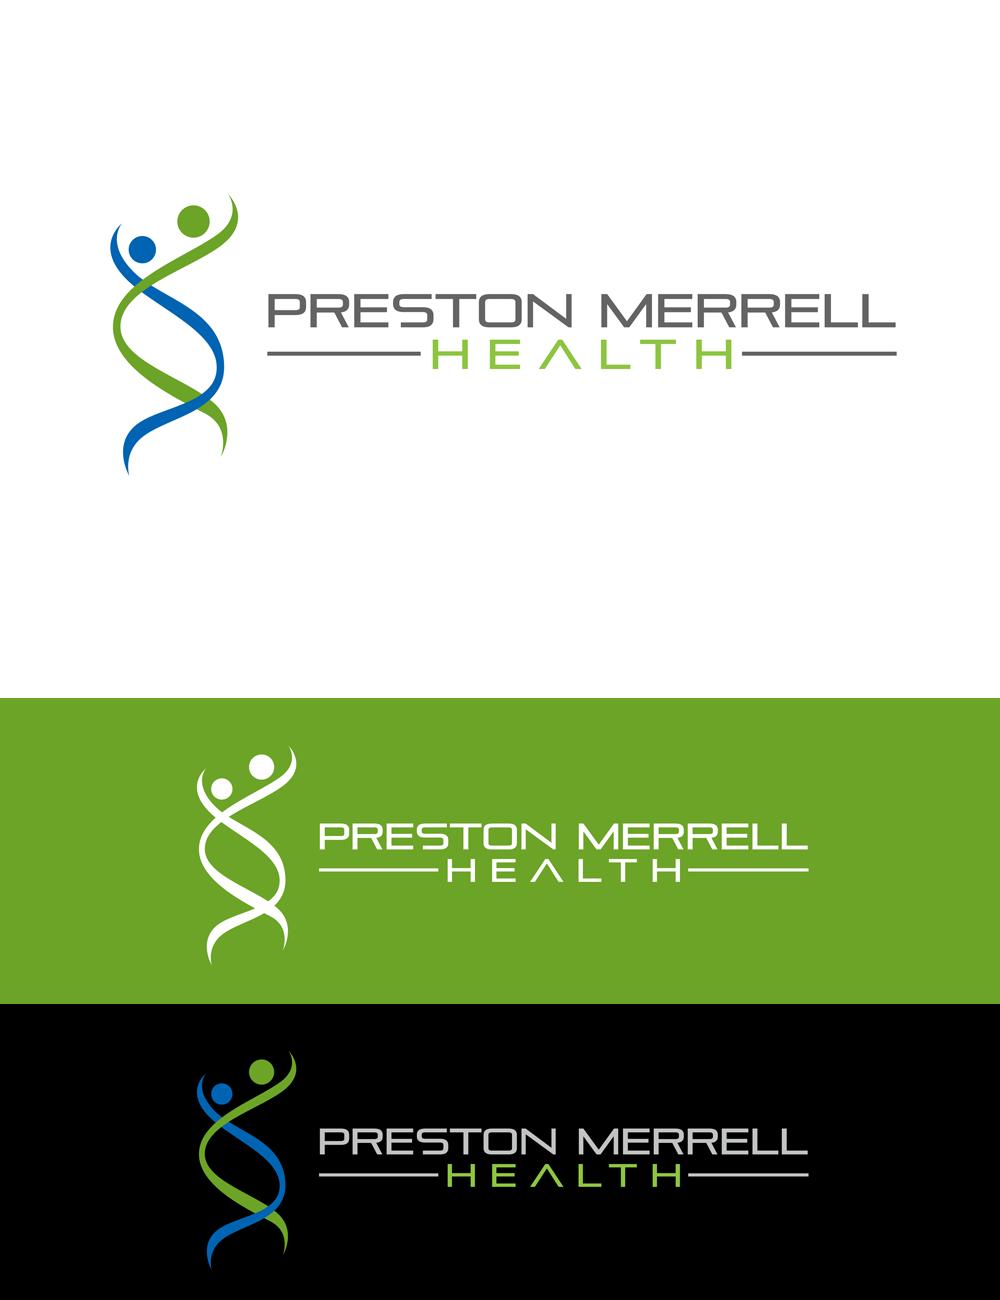 Logo Design by Private User - Entry No. 263 in the Logo Design Contest Creative Logo Design for Preston Merrell Health.